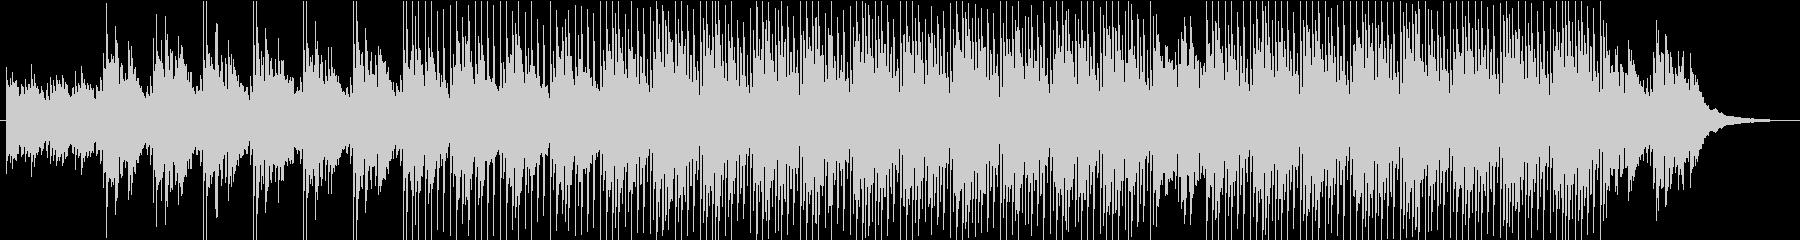 ピアノ/決意/企業VP/前向き/壮大の未再生の波形